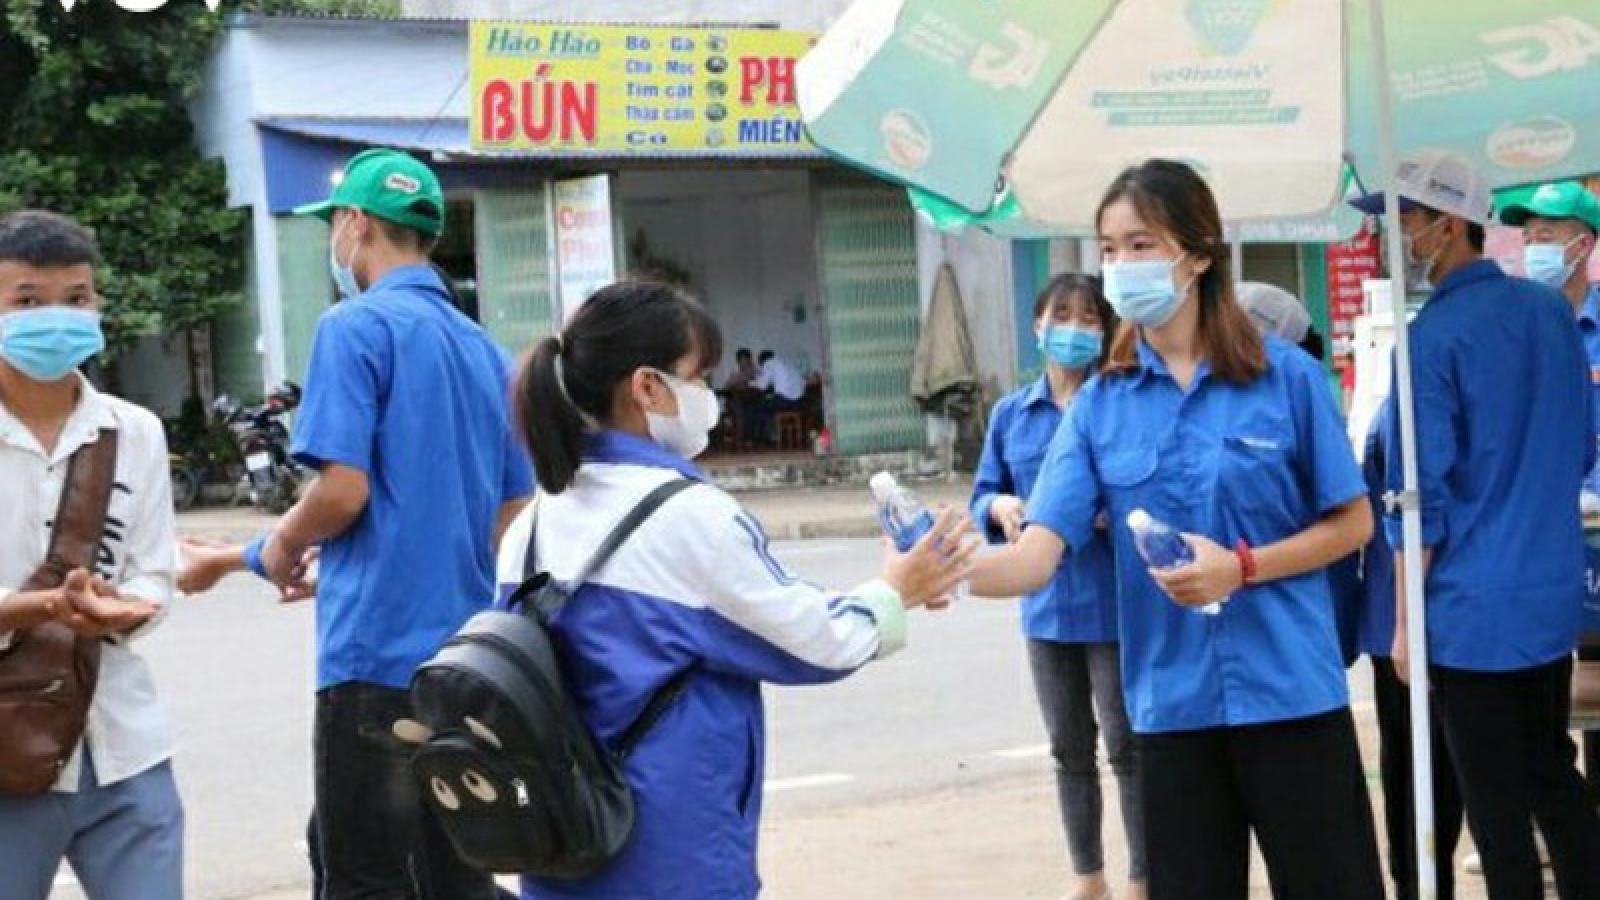 Suất ăn miễn phí tiếp sức thí sinh ở huyện biên giới Sốp Cộp, Sơn La